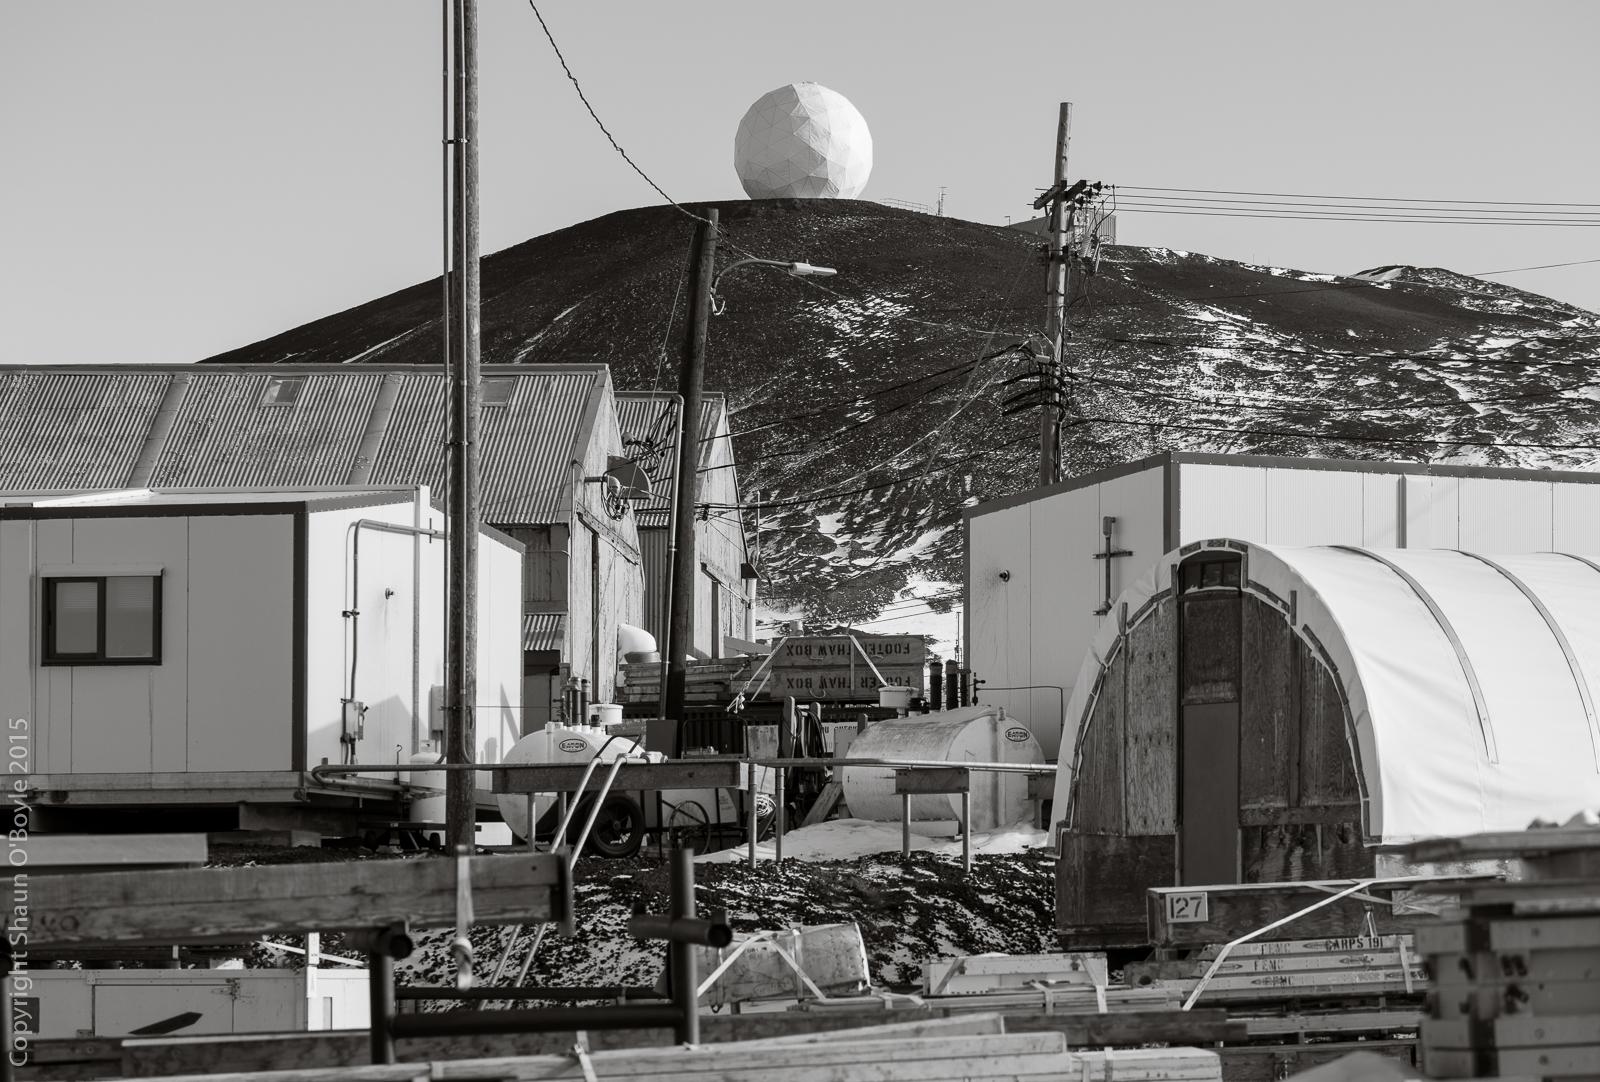 McMurdo beauty